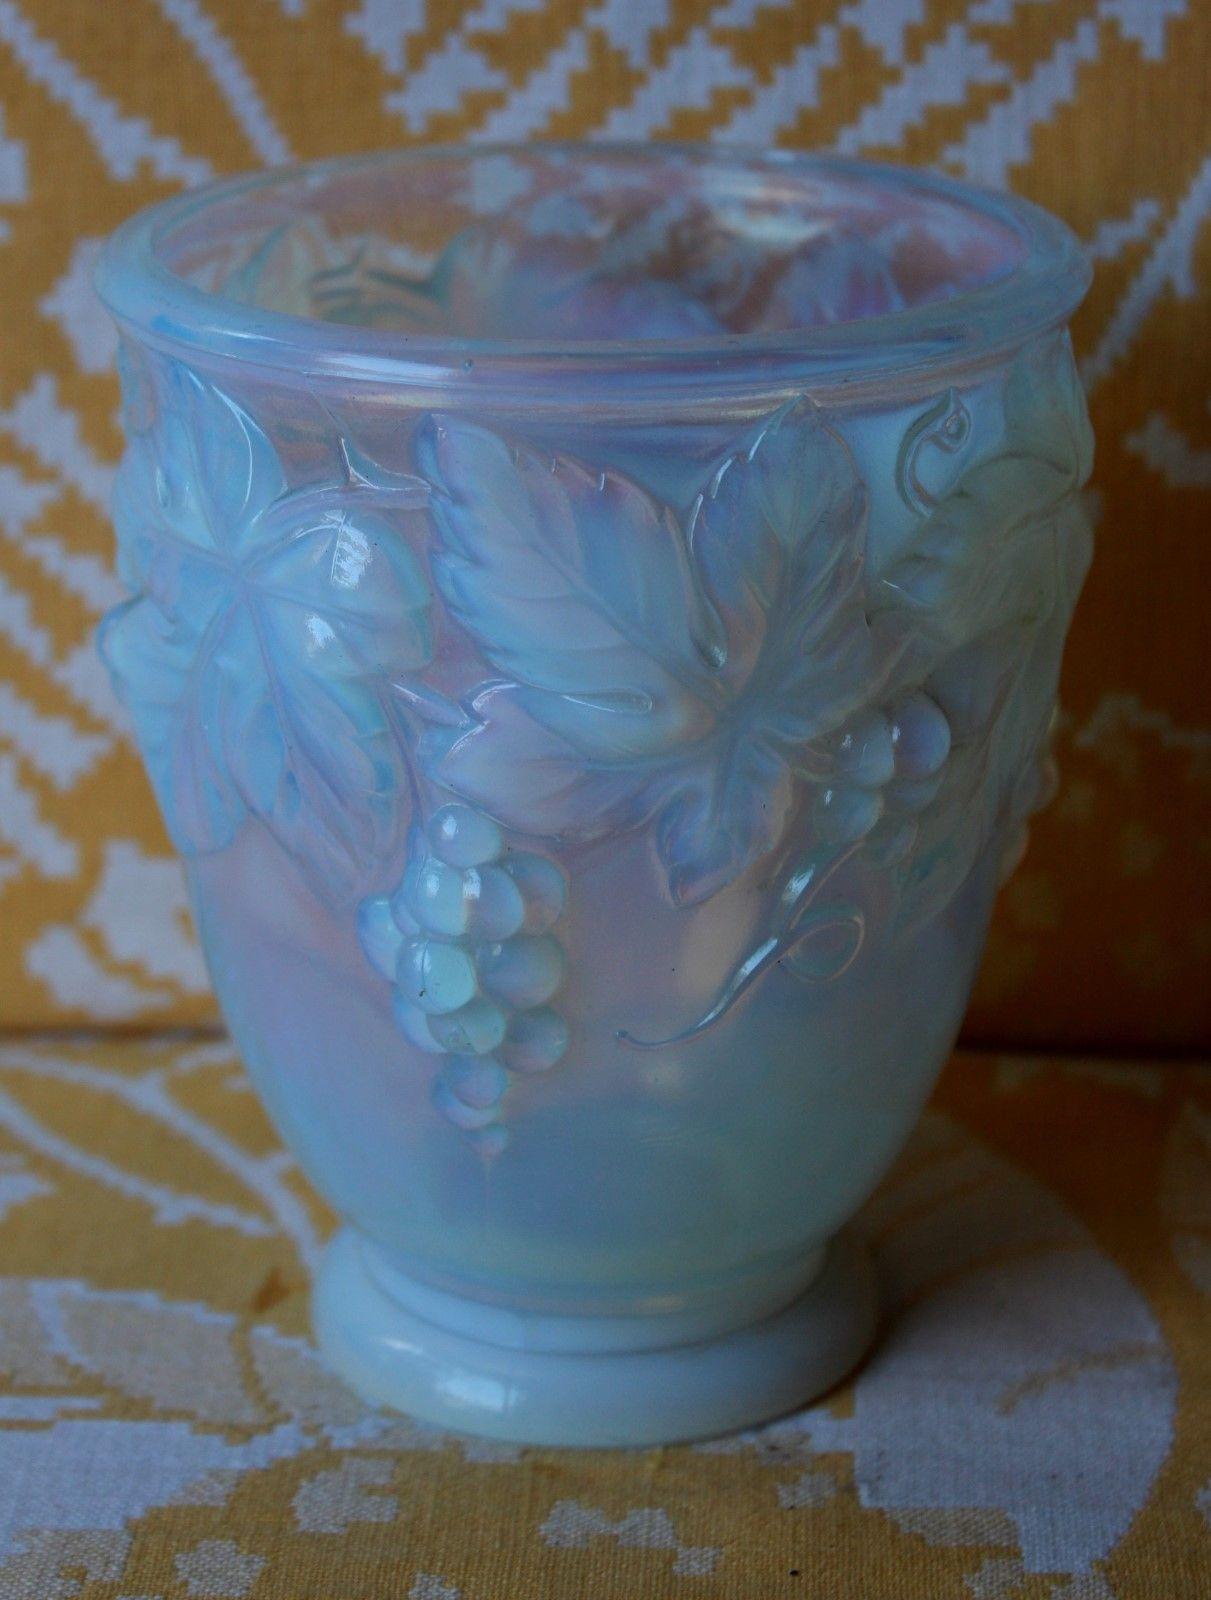 Etling France Vase Rafraichissoire A Raisin 13 5cm Haut Bon Etat French Antiques Vase Art Nouveau Art